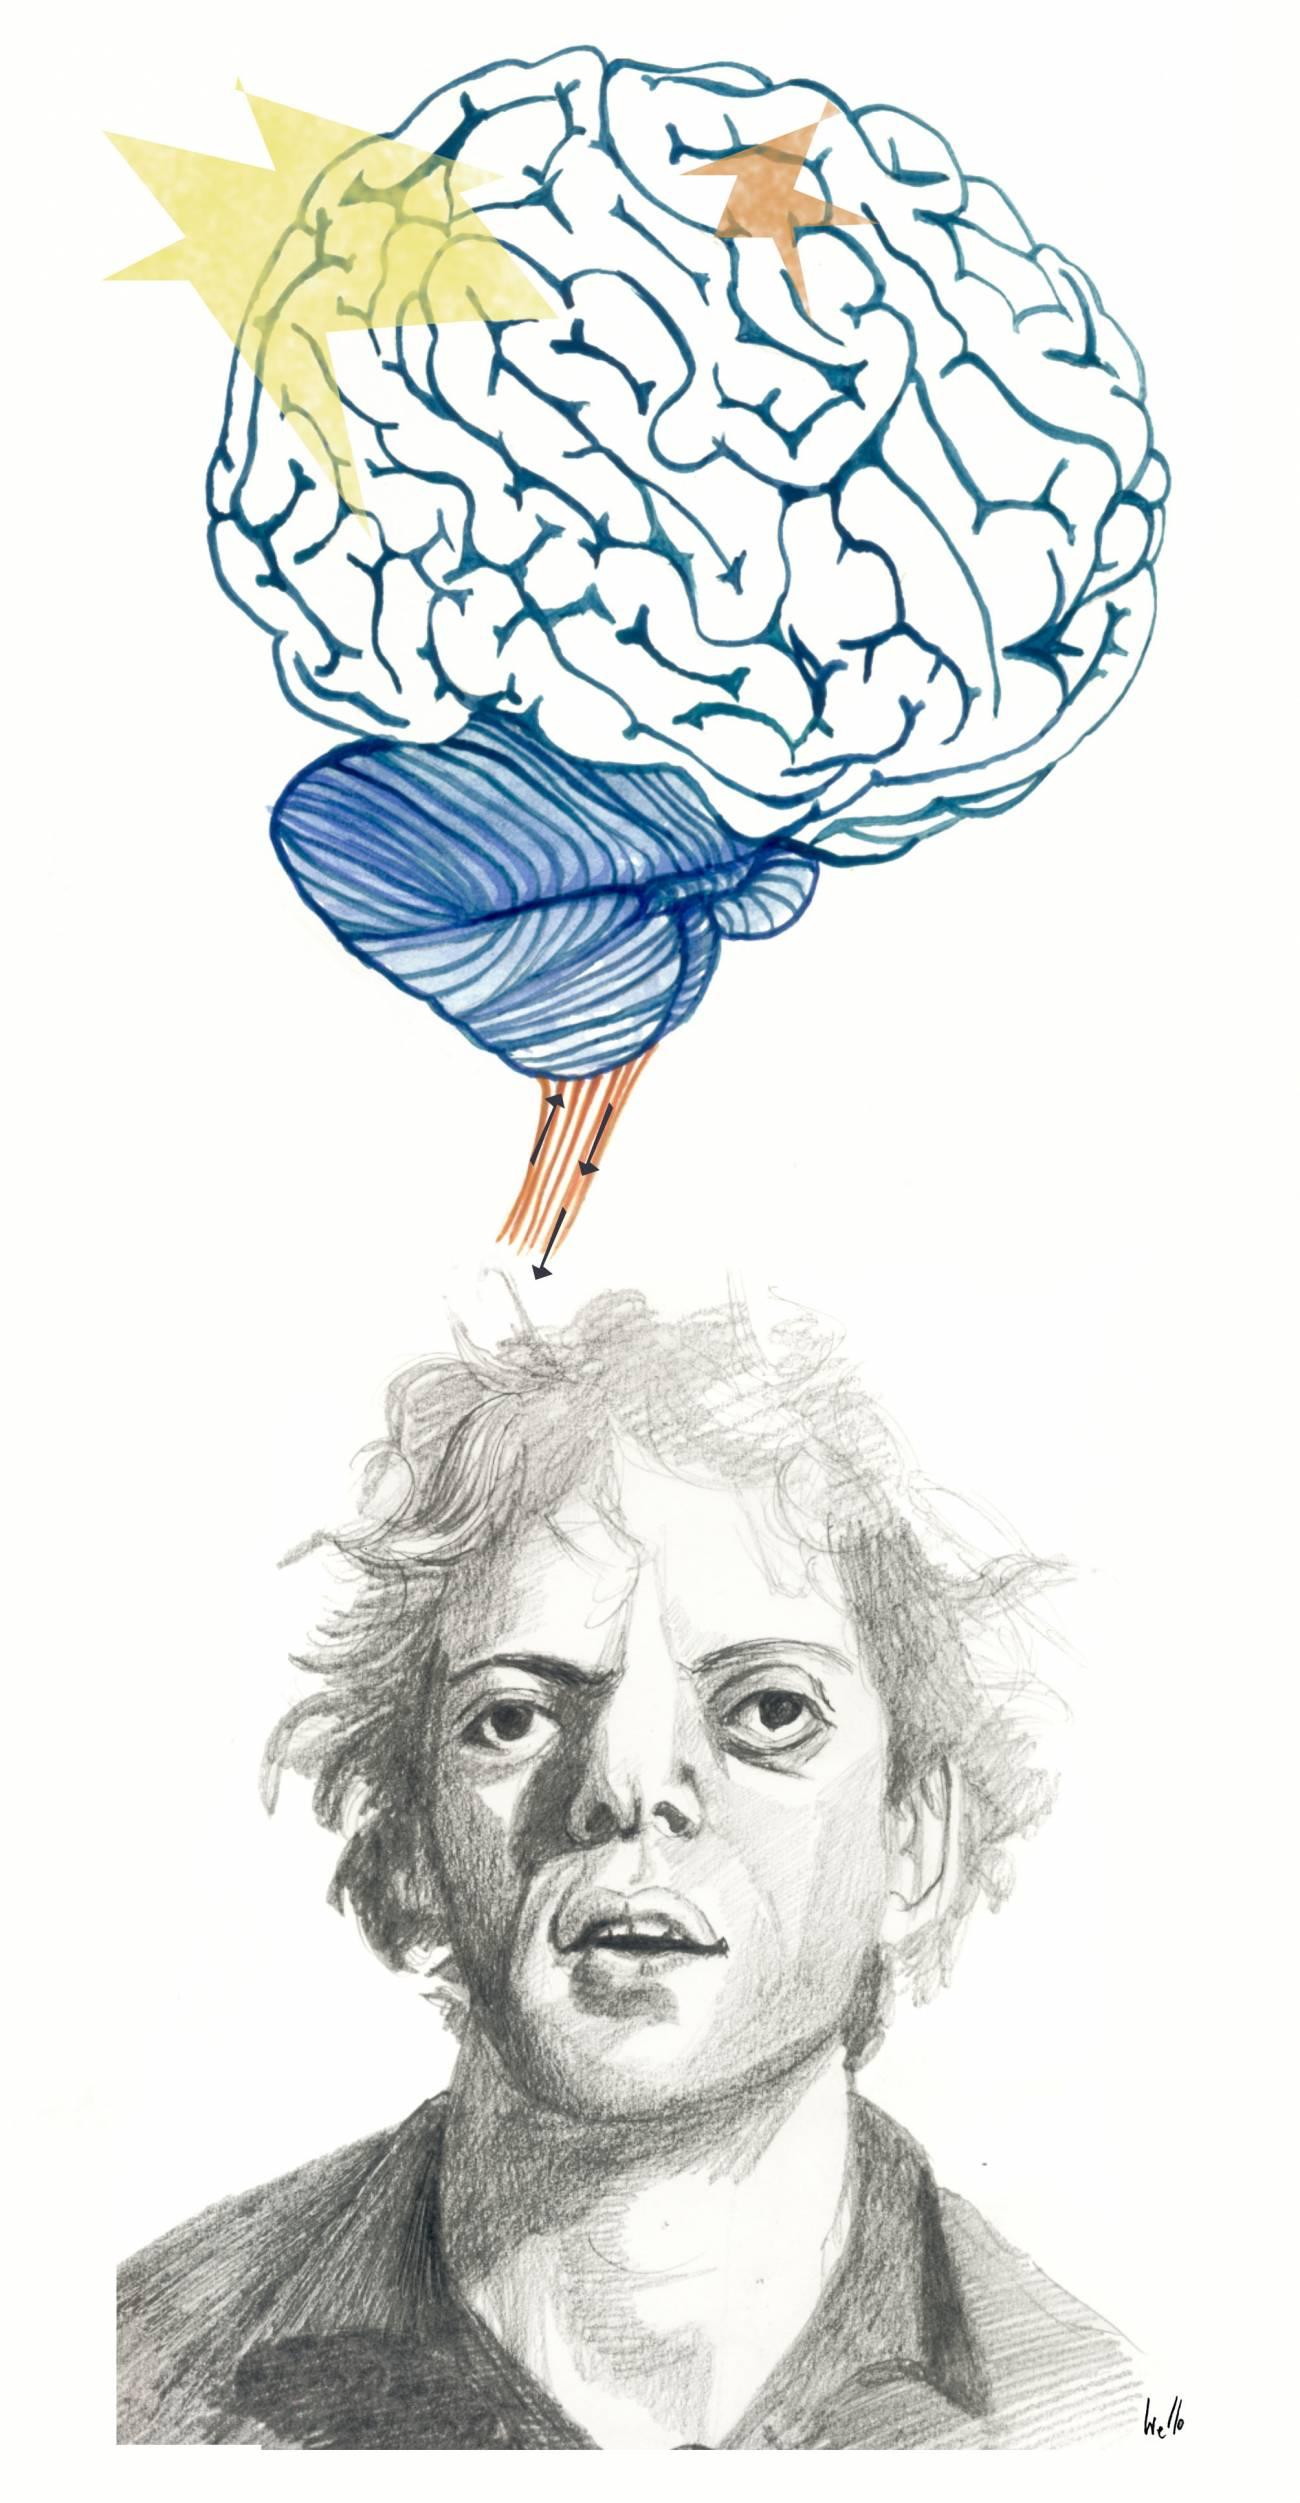 Observan un funcionamiento normal del sistema neuronal espejo en individuos con autismo